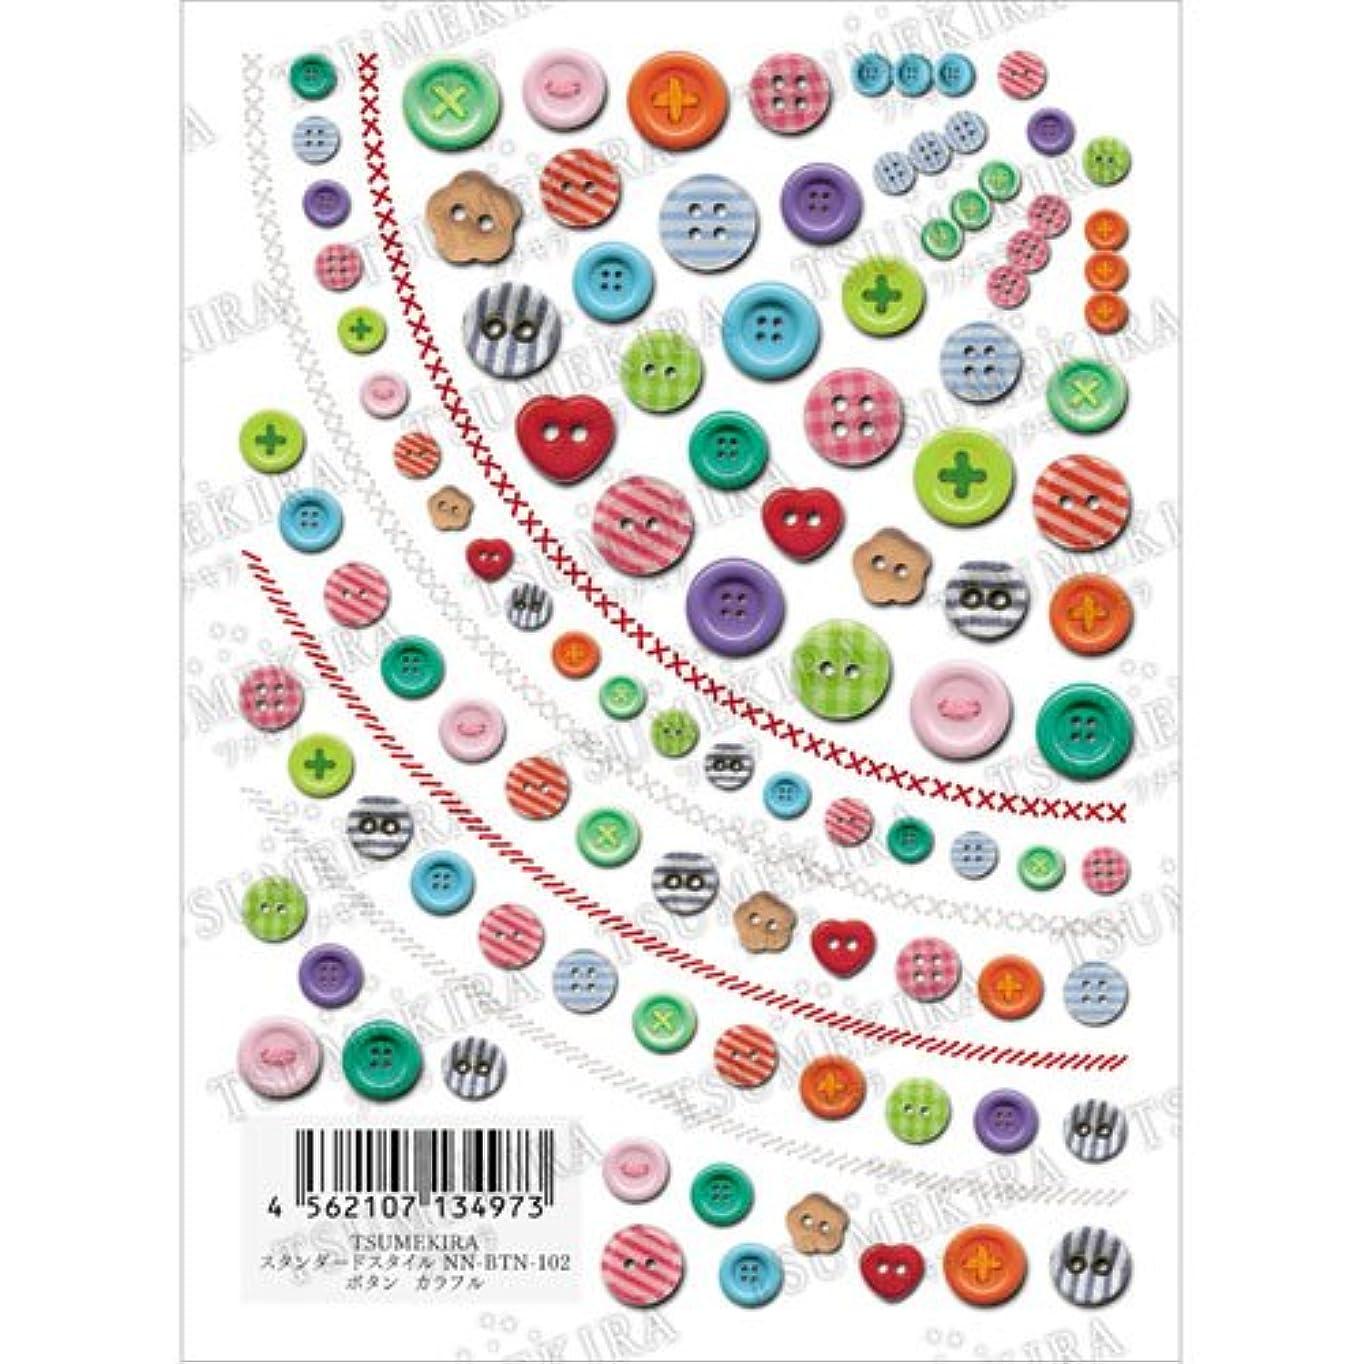 飲食店憂鬱正当なツメキラ ネイル用シール スタンダードスタイル ボタン カラフル